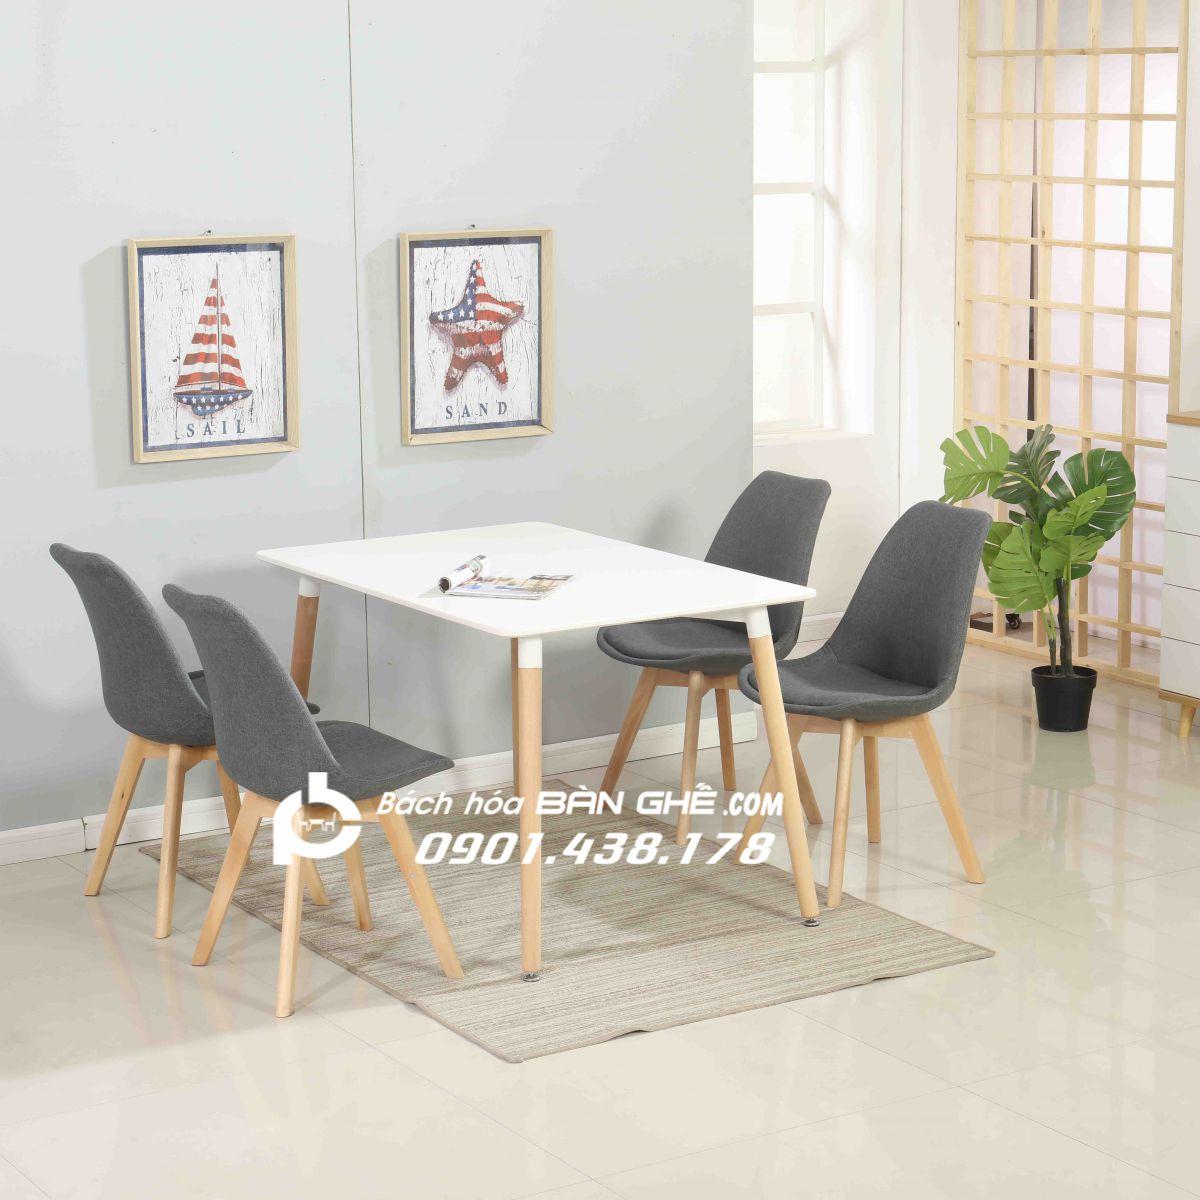 Bộ bàn ăn chữ nhật màu gỗ 4 ghế bọc vải GLM27 màu xám